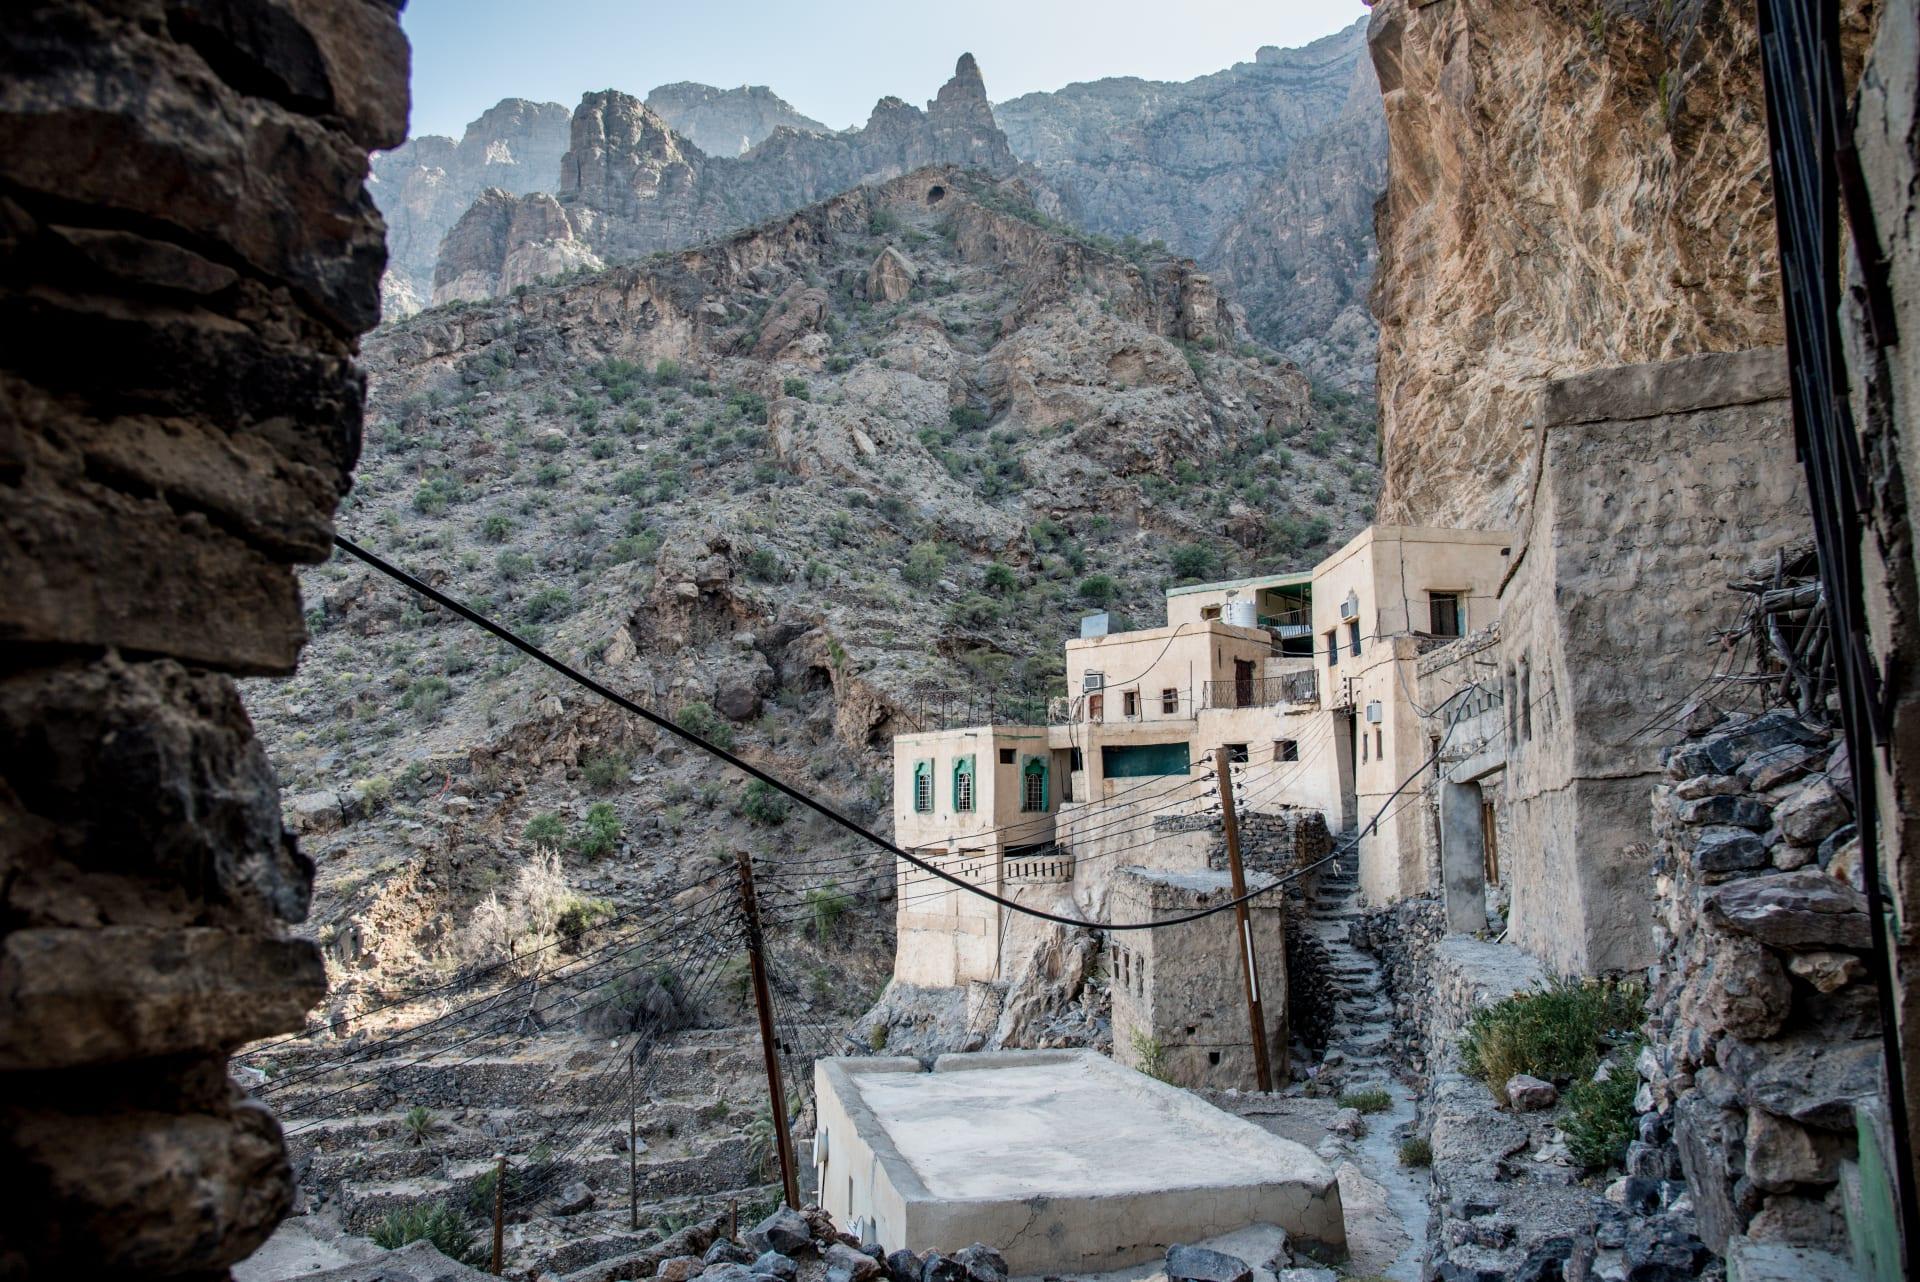 ما وراء هذا المسار الخطر.. استكشف هذه القرية العمانية المموهة بين الصخور